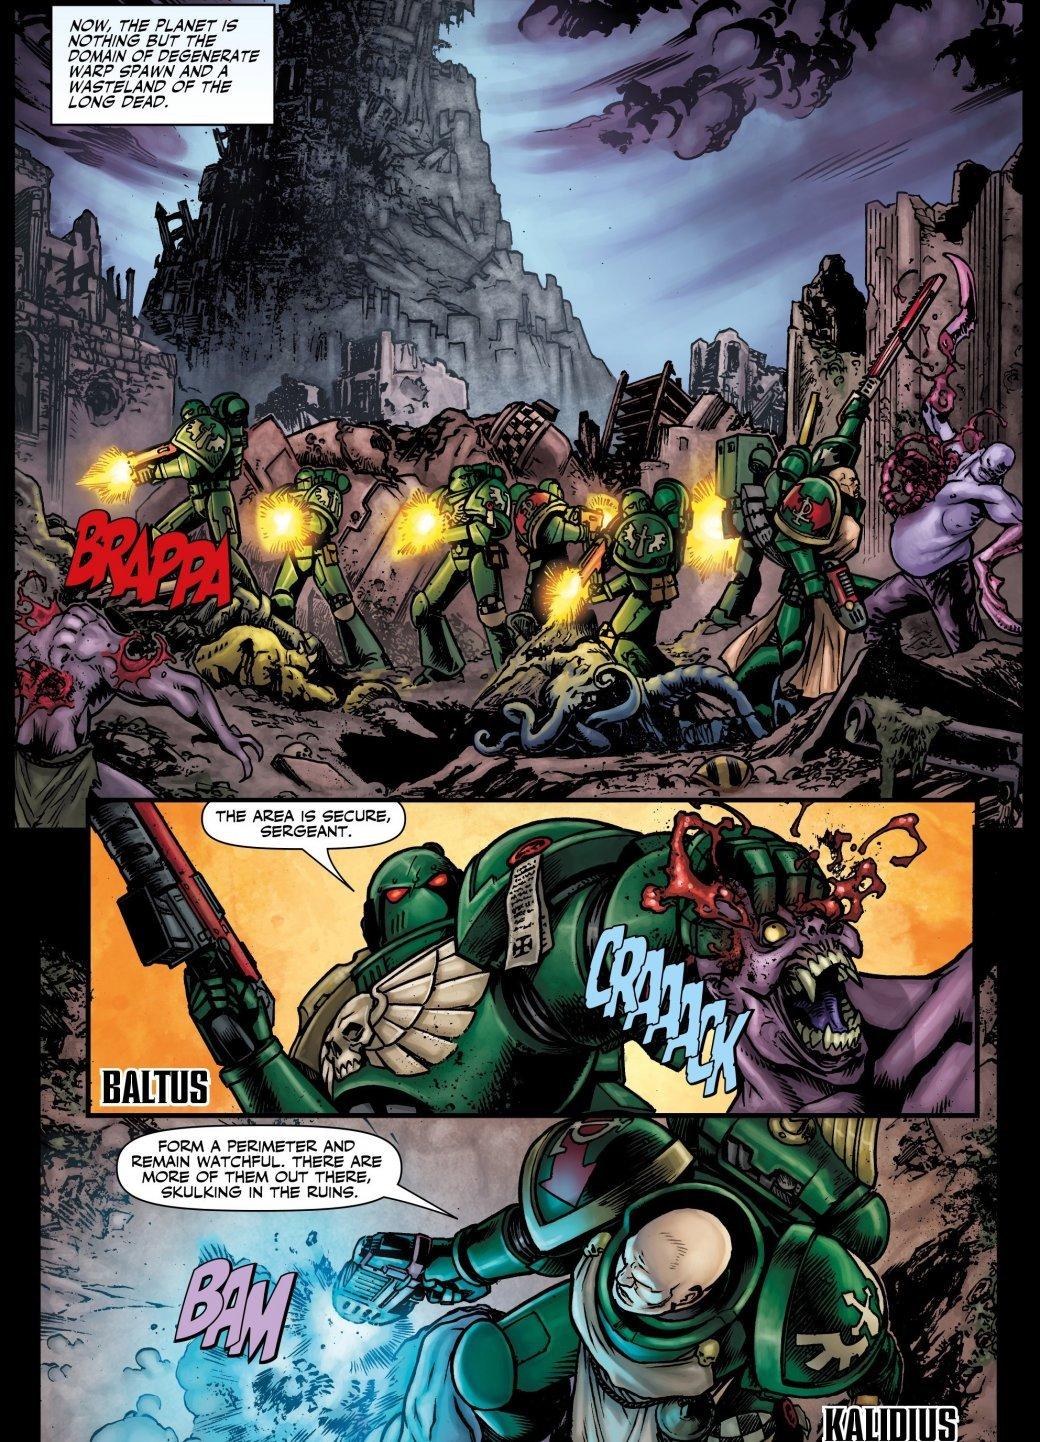 Самые крутые комиксы по Warhammer 40.000 | Канобу - Изображение 17